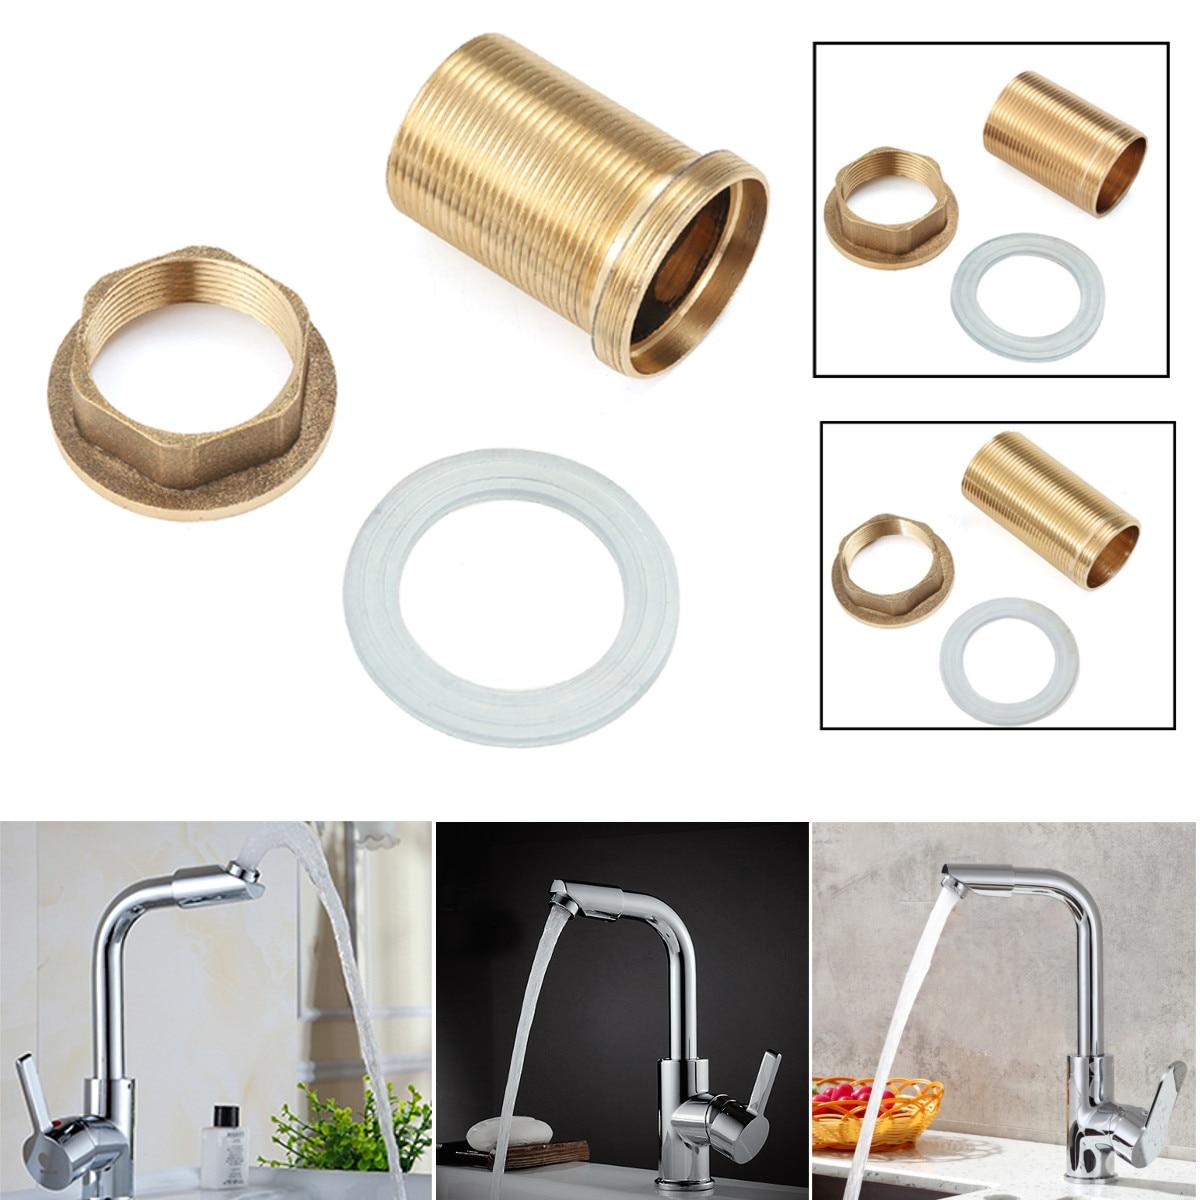 rosca de lat/ón y tuercas de instalaci/ón de piezas Kit de reparaci/ón de grifo mezclador de lavabo